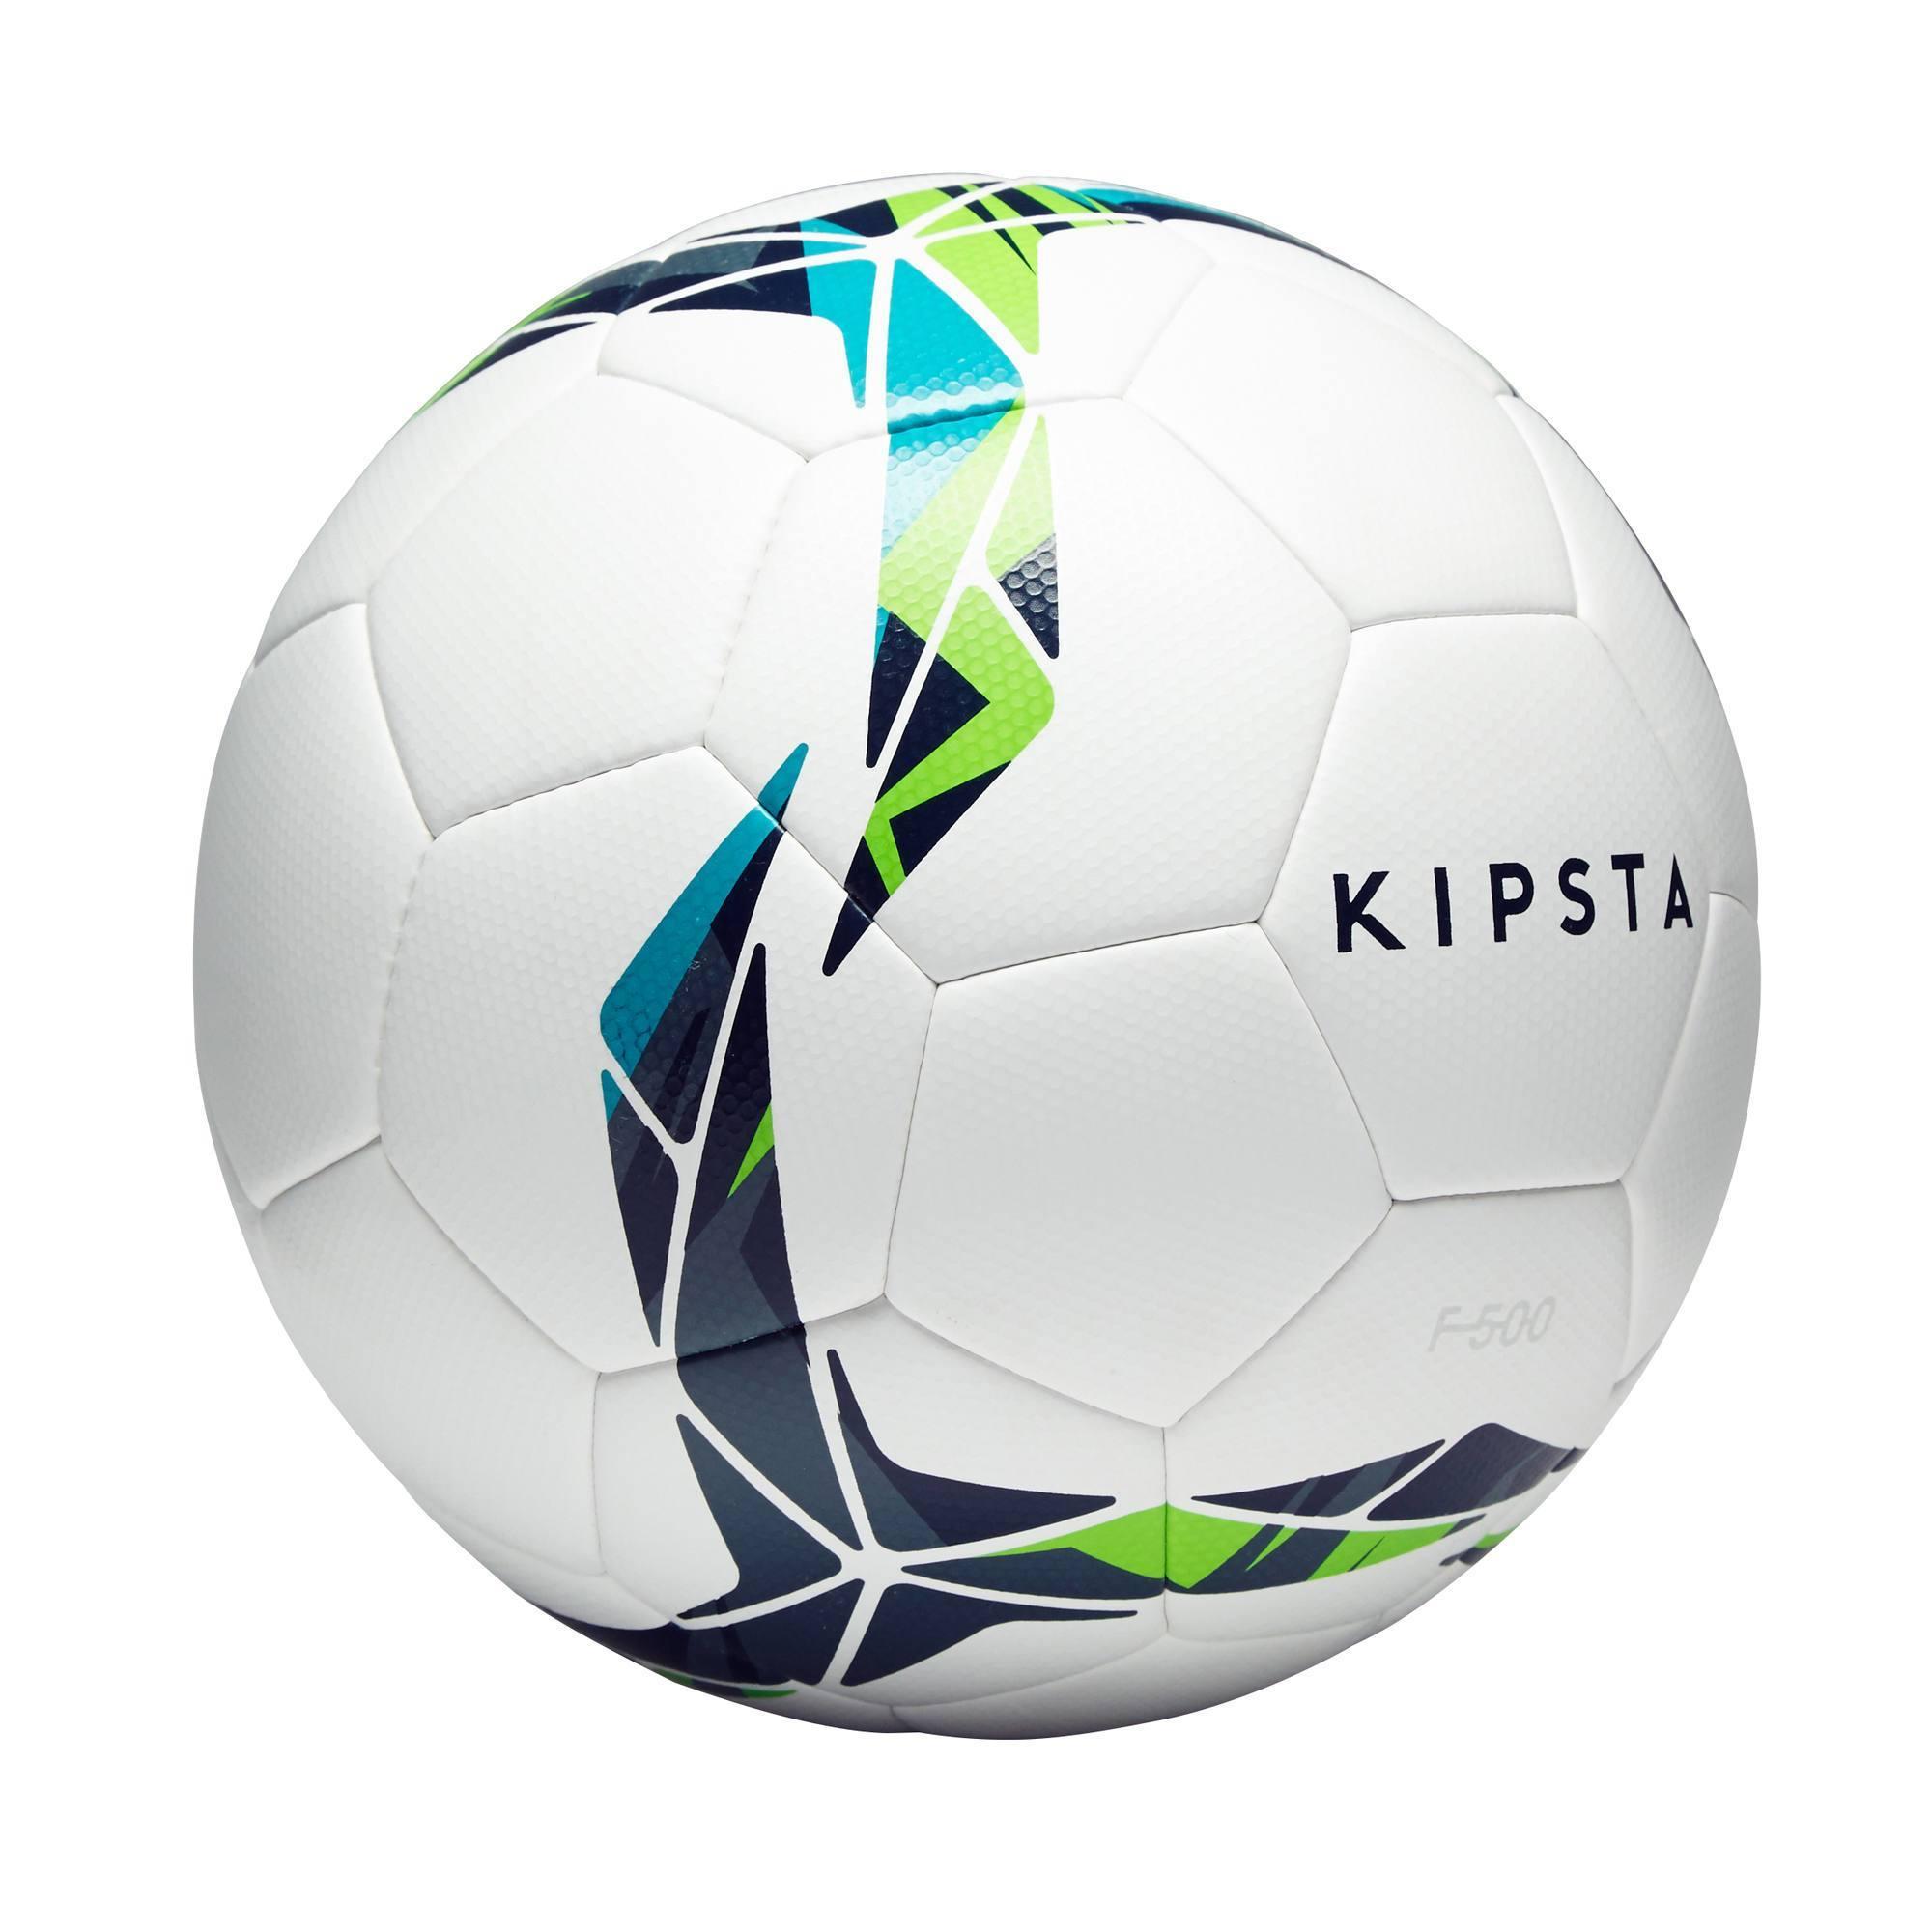 Ballon de football Hybride F500 taille 4 blanc bleu vert